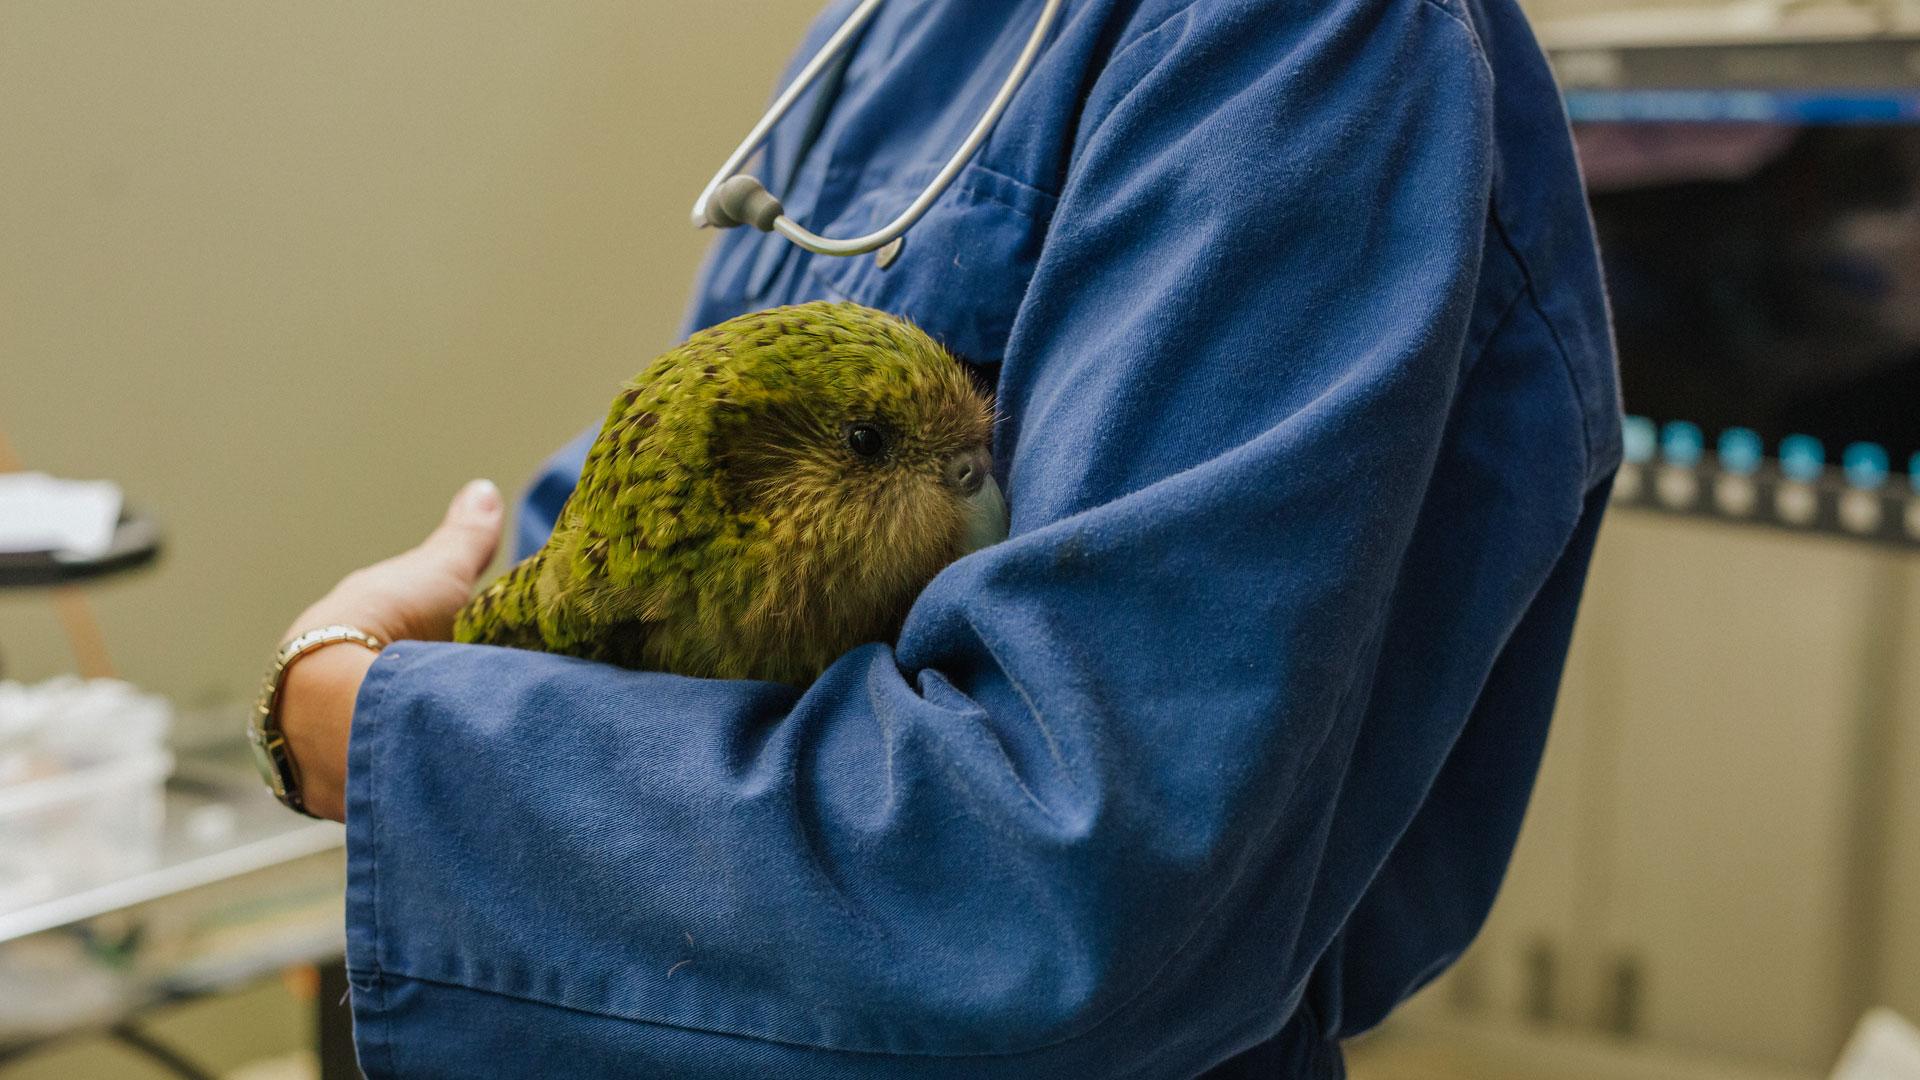 https://rfacdn.nz/zoo/assets/media/kakapo-vet-hospital-huhu-gallery-3.jpg